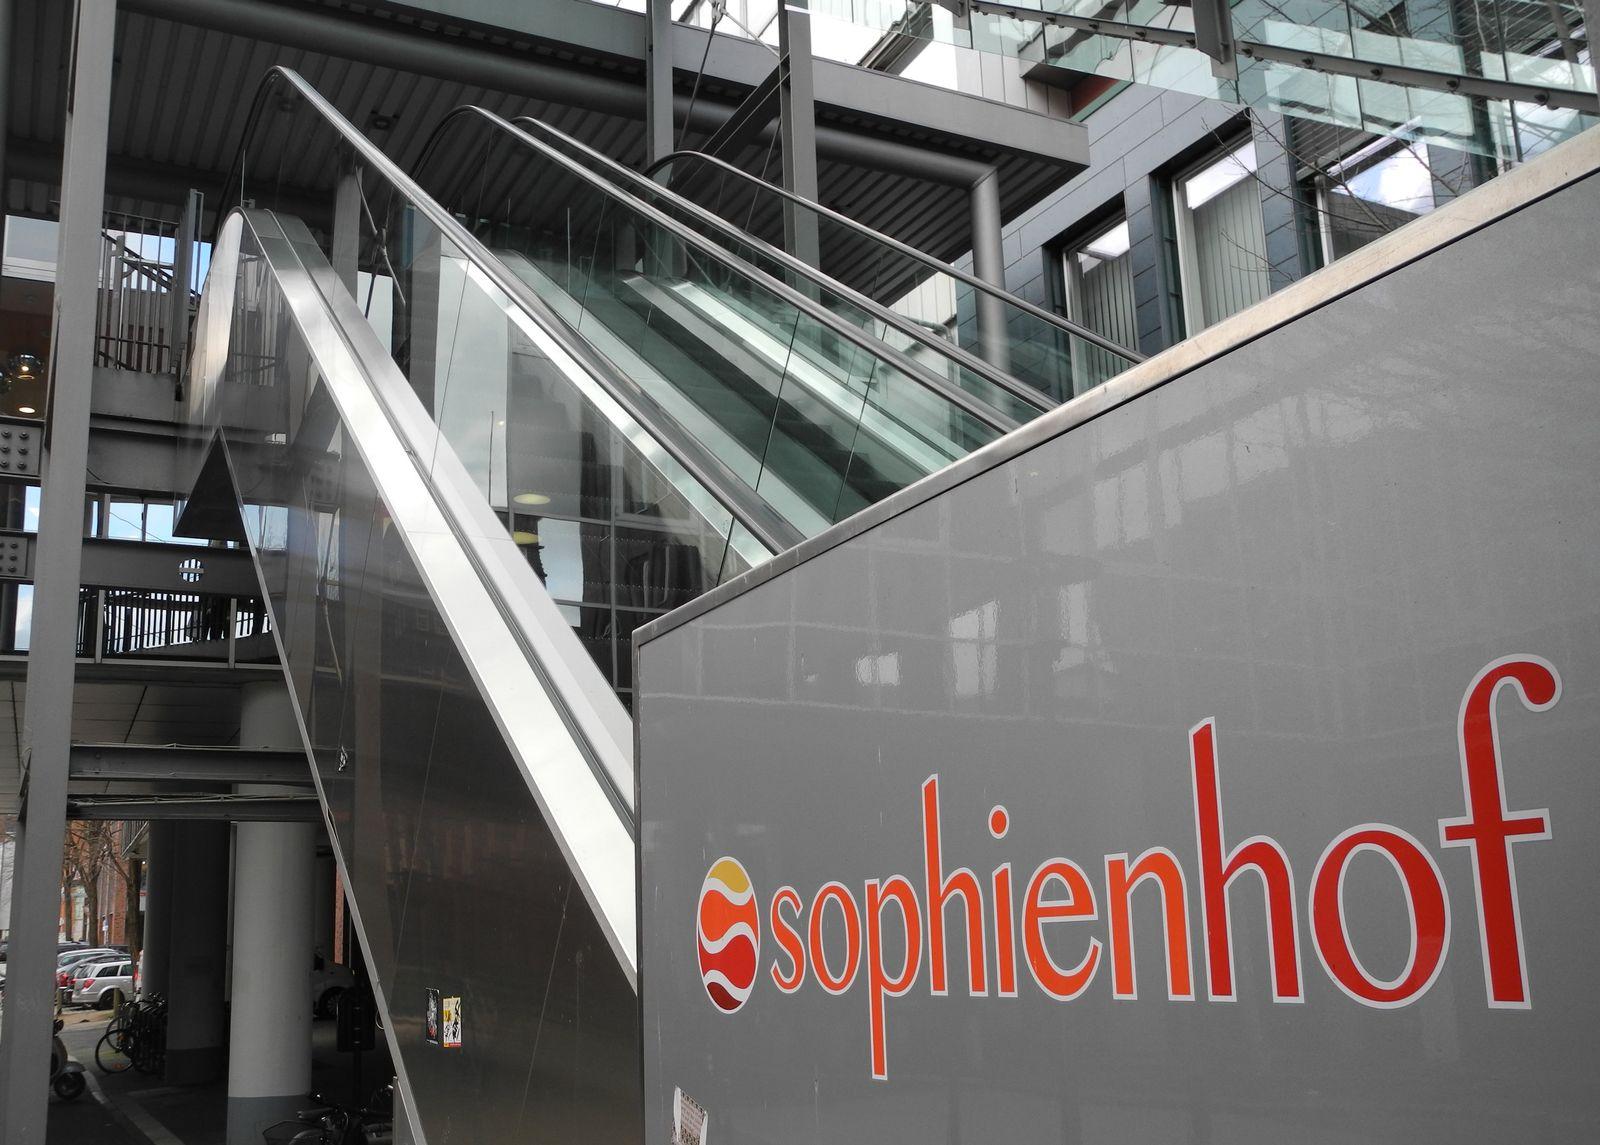 Einkaufszentrum/ Sophienhof